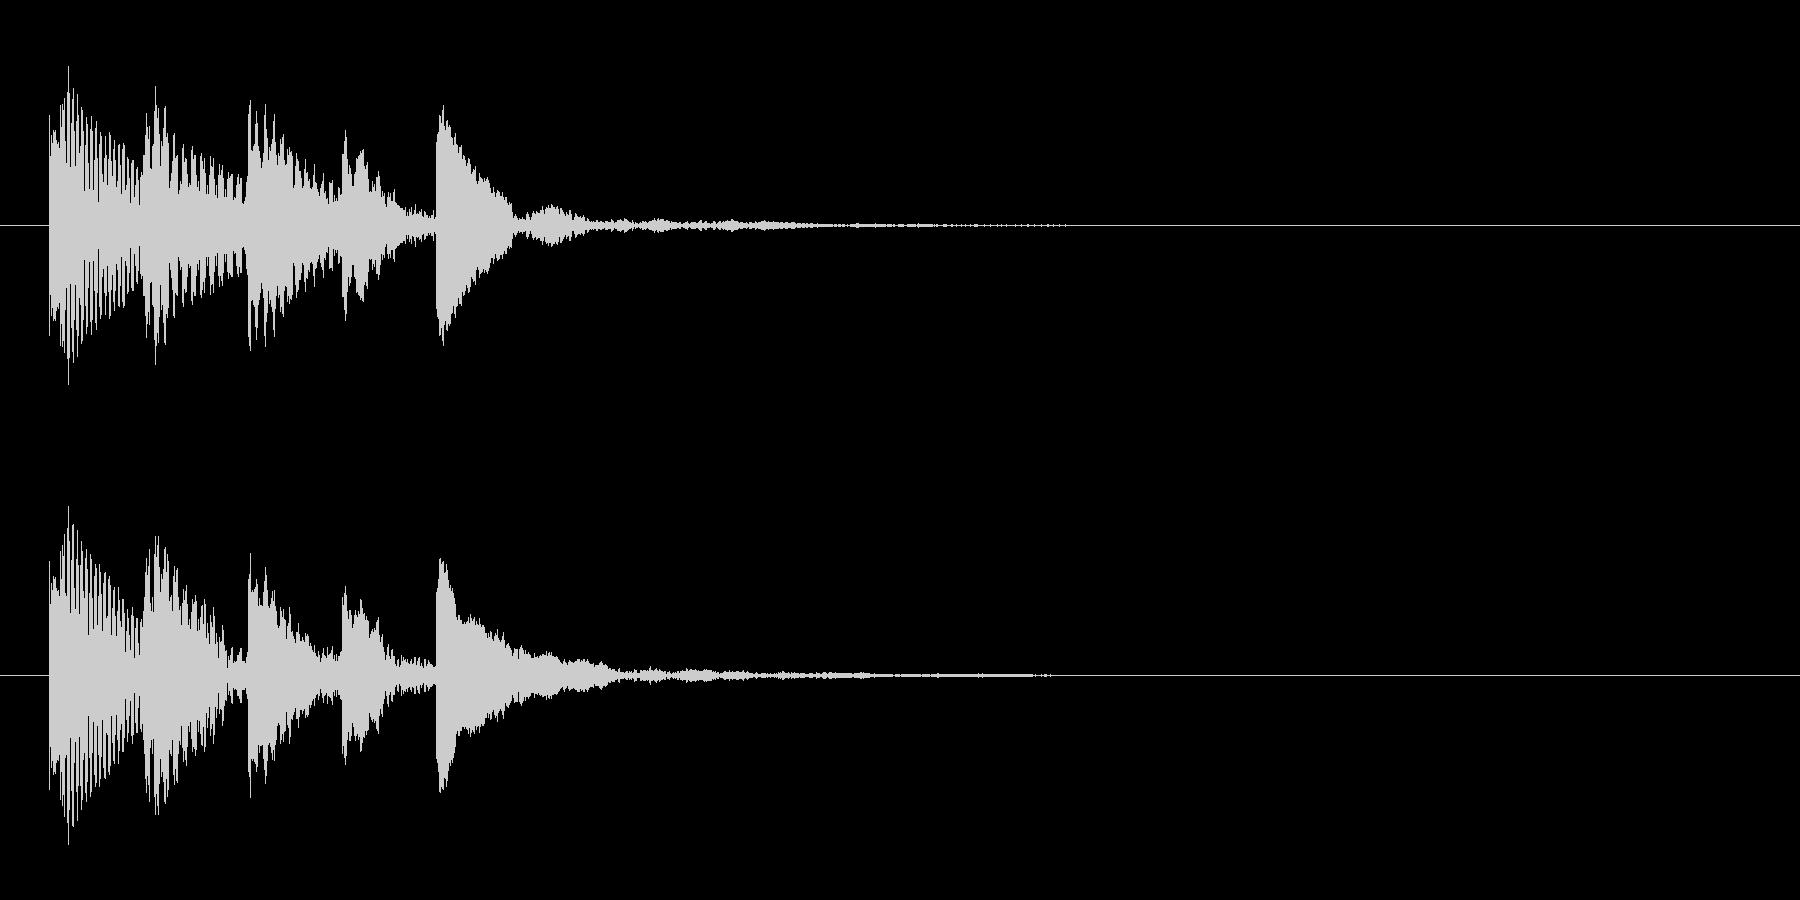 どうぶつ3 スタート音 豪華決定音の未再生の波形